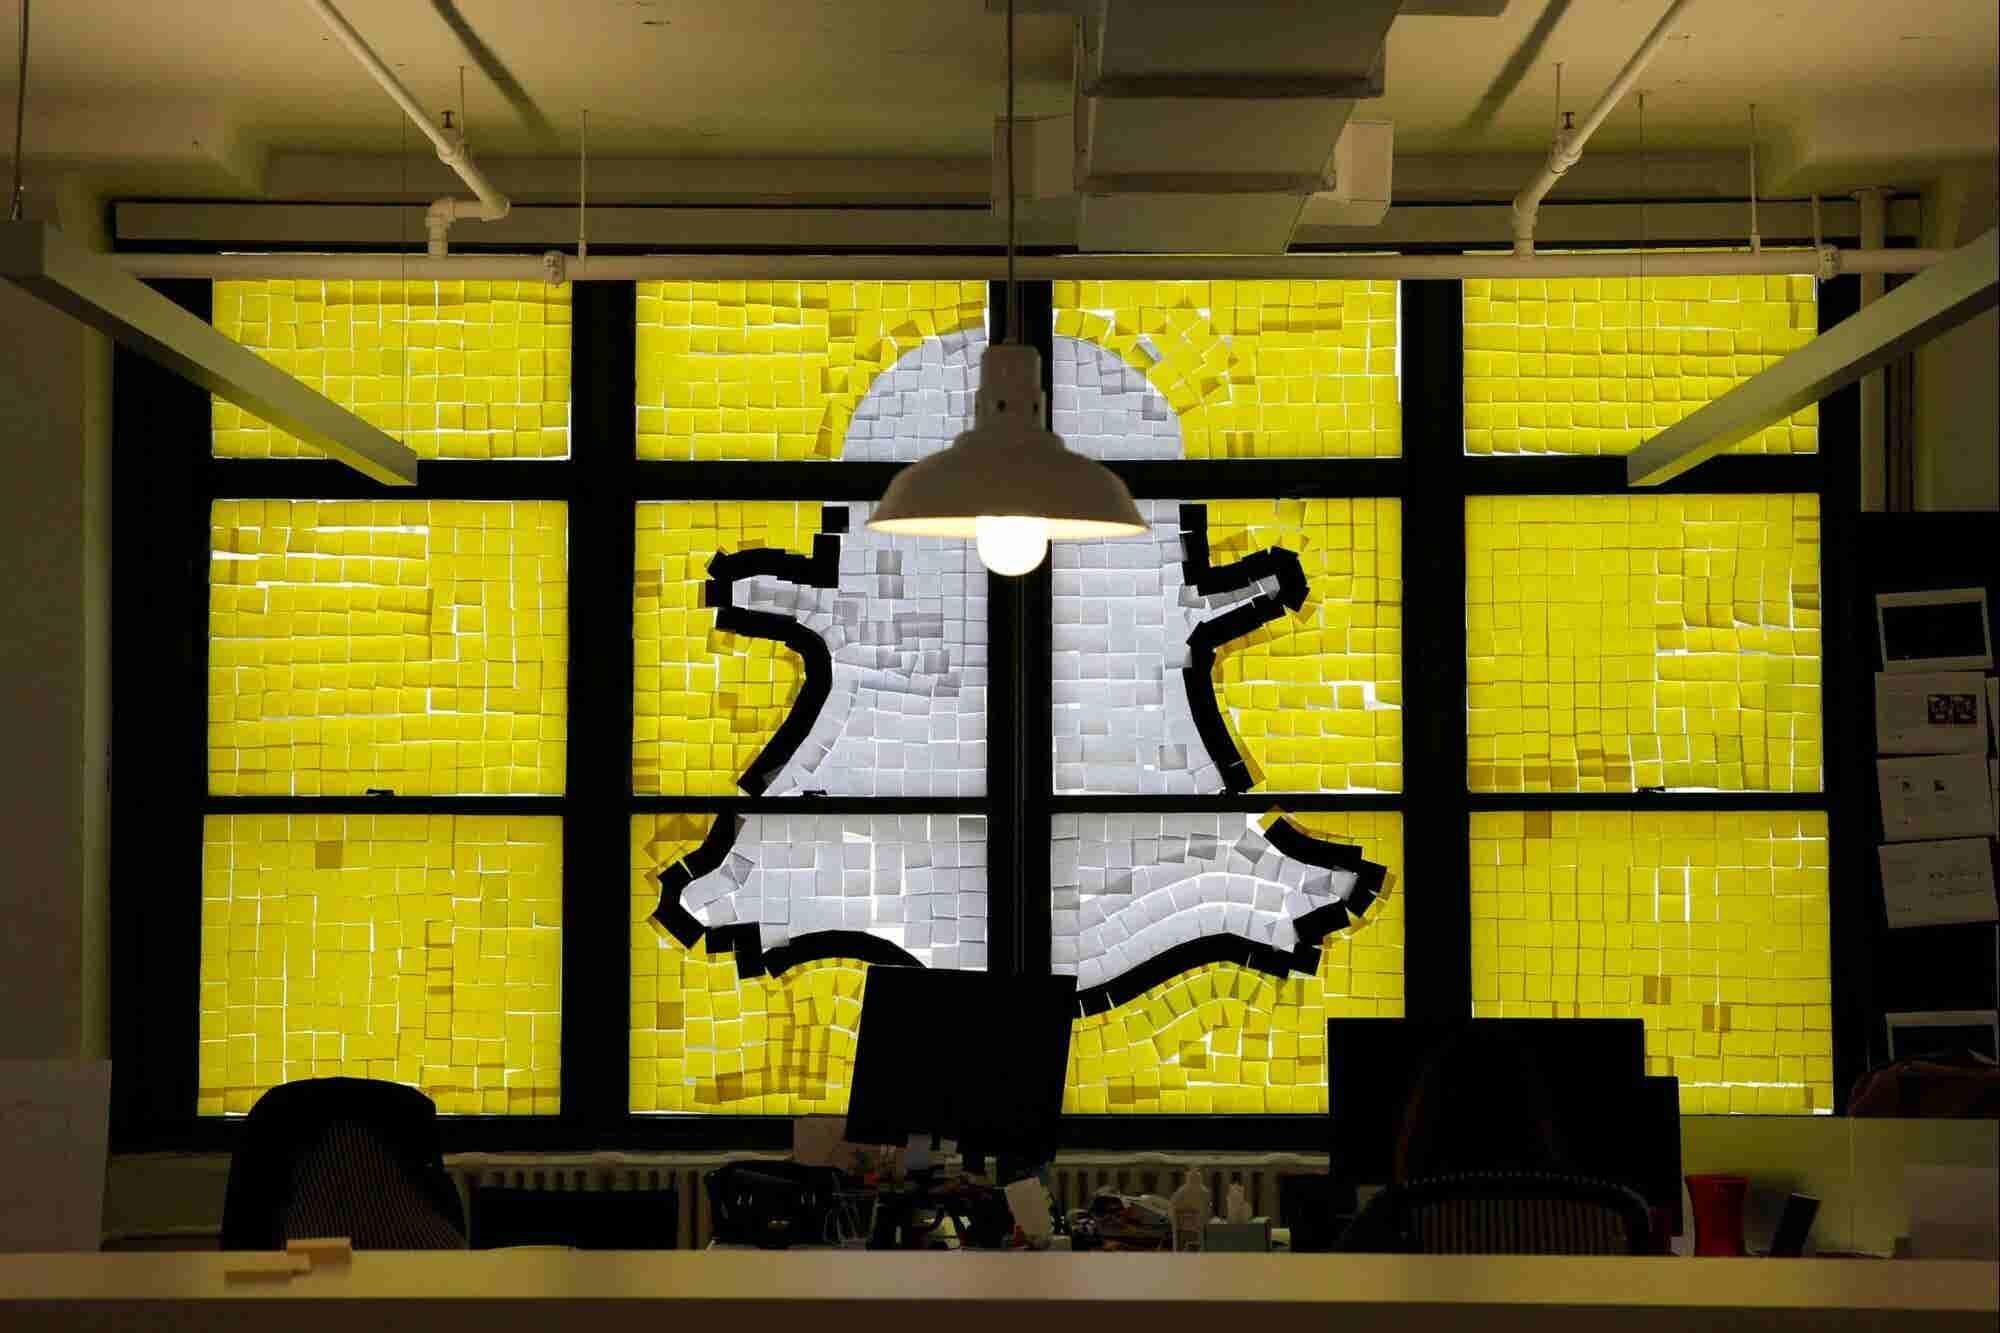 Snapchat podría lanzar su propio servicio de juego en abril